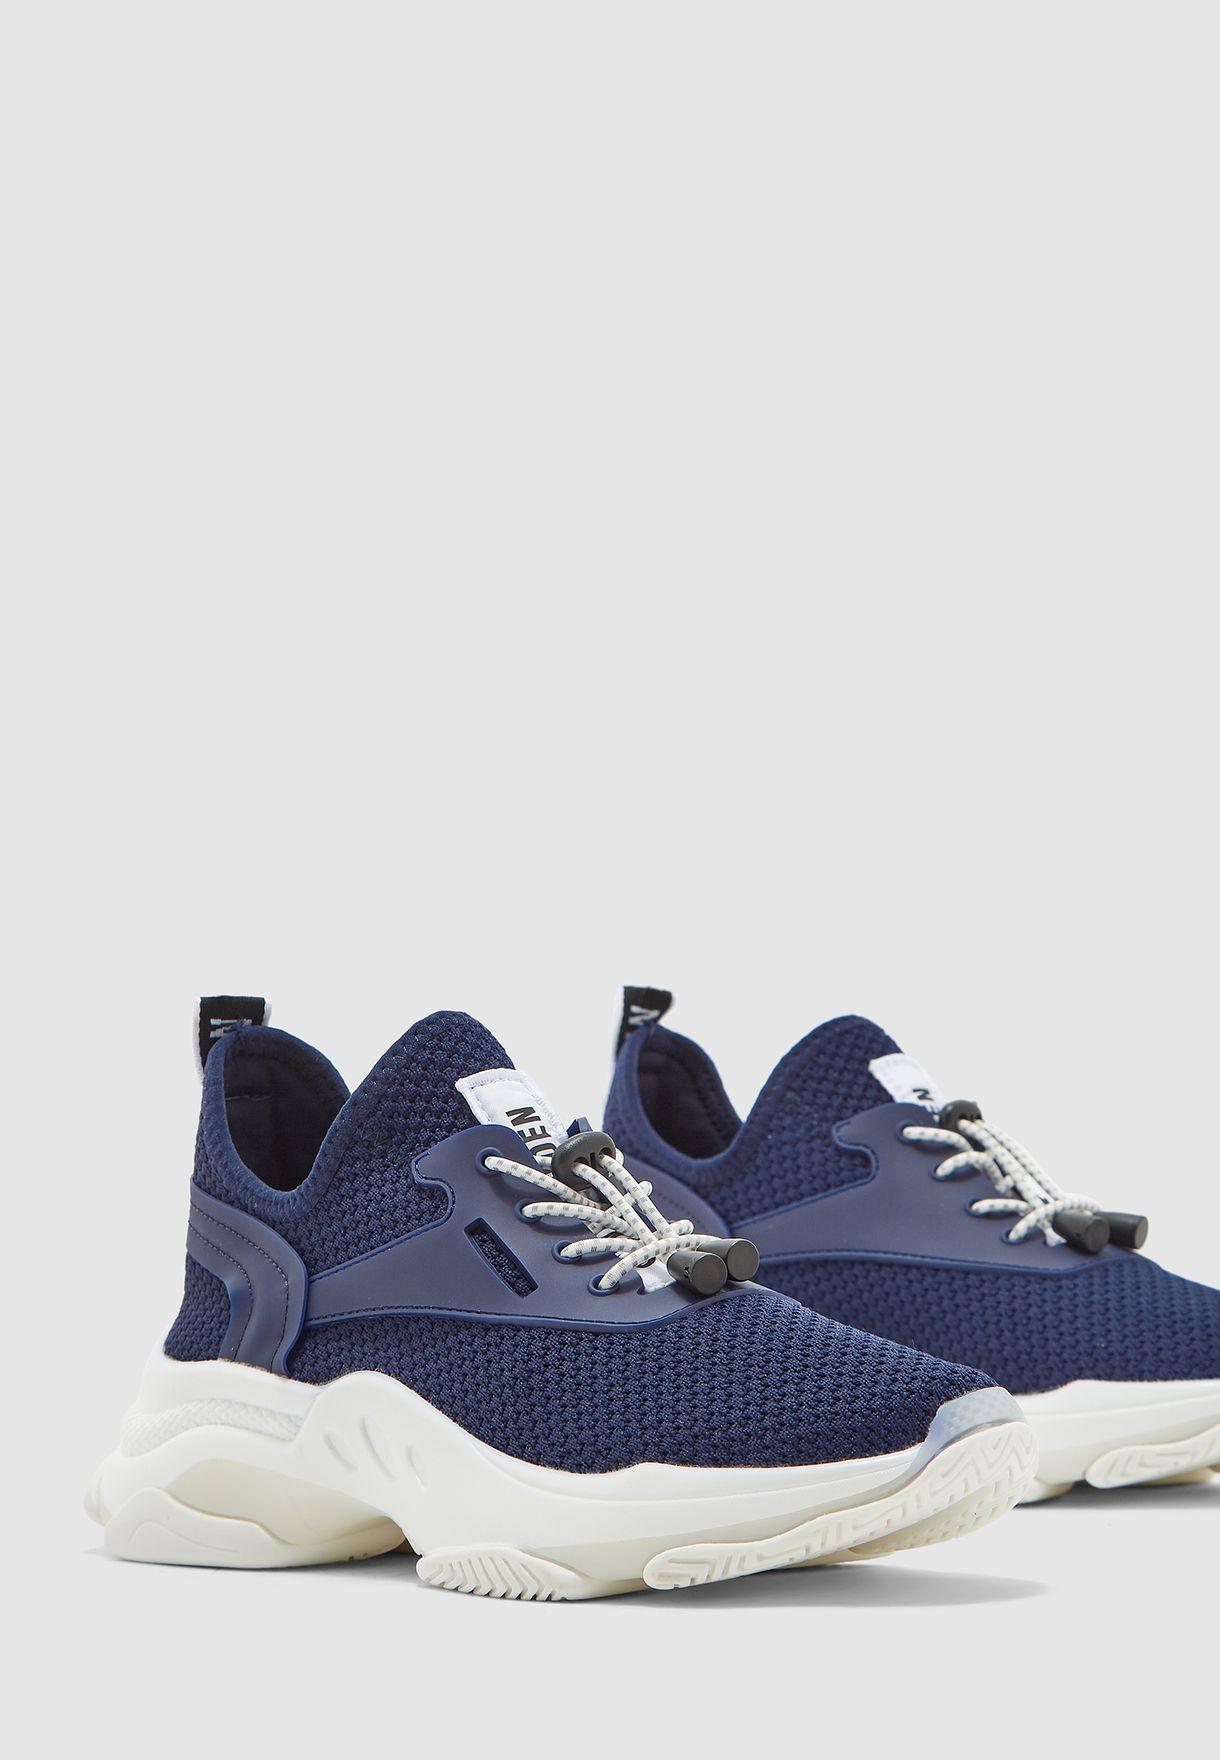 Steve Madden navy Match Low Top Sneaker